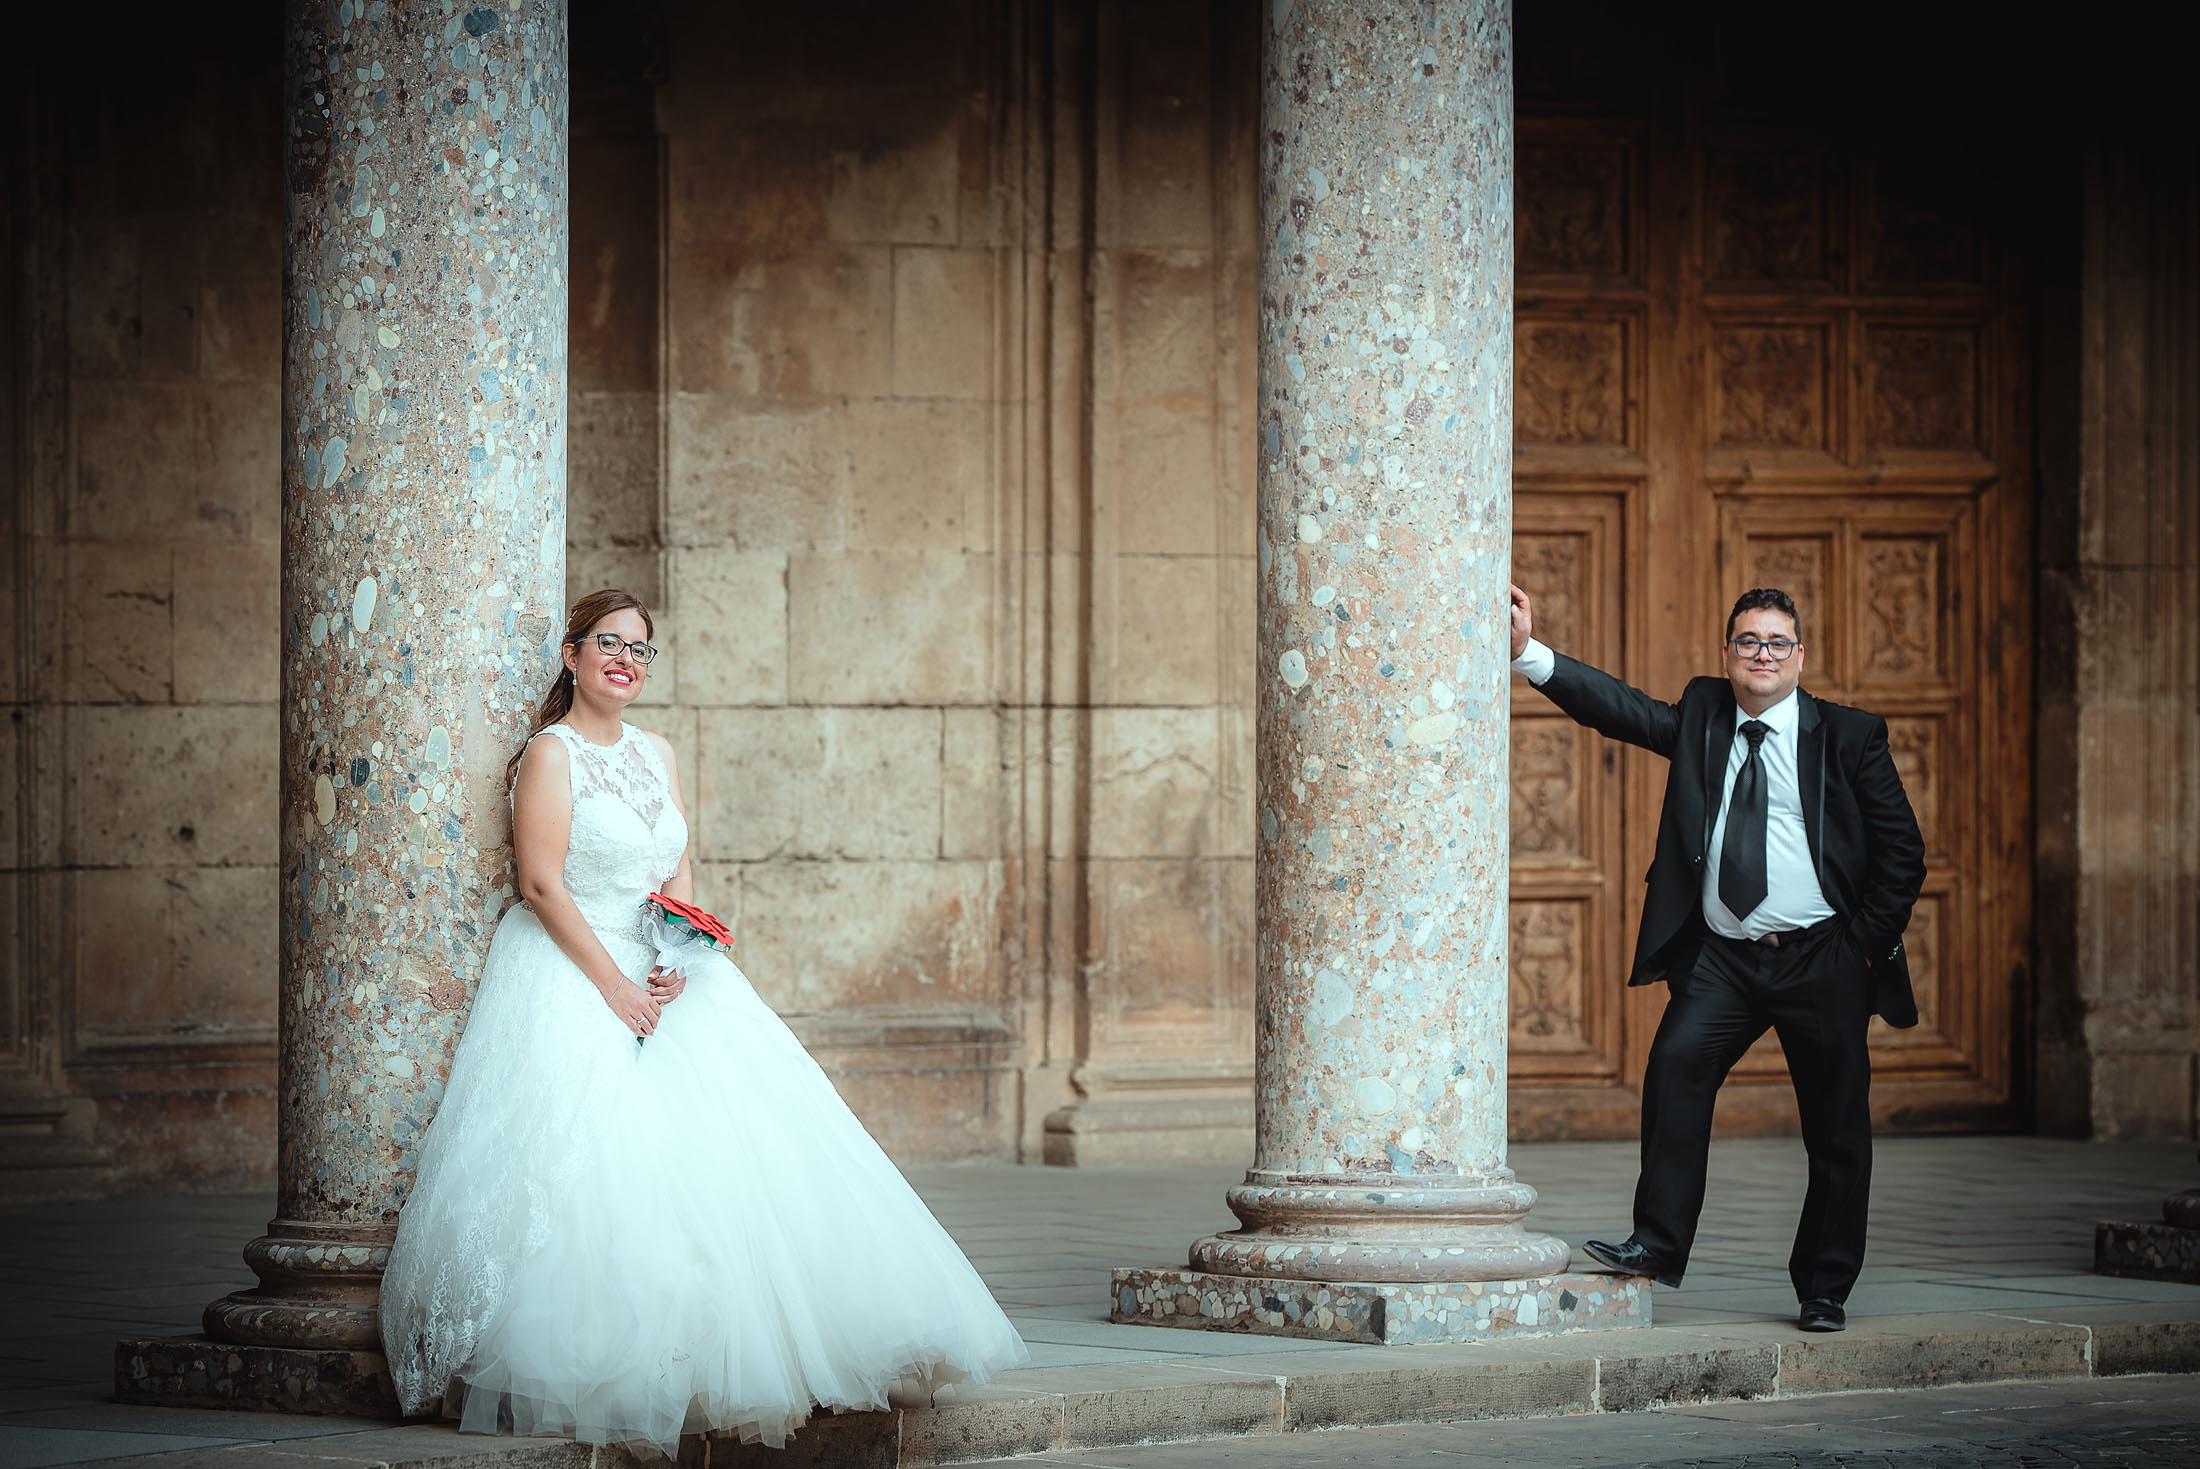 Postboda de Rocio y Jesus - Alhambra - 1-0111